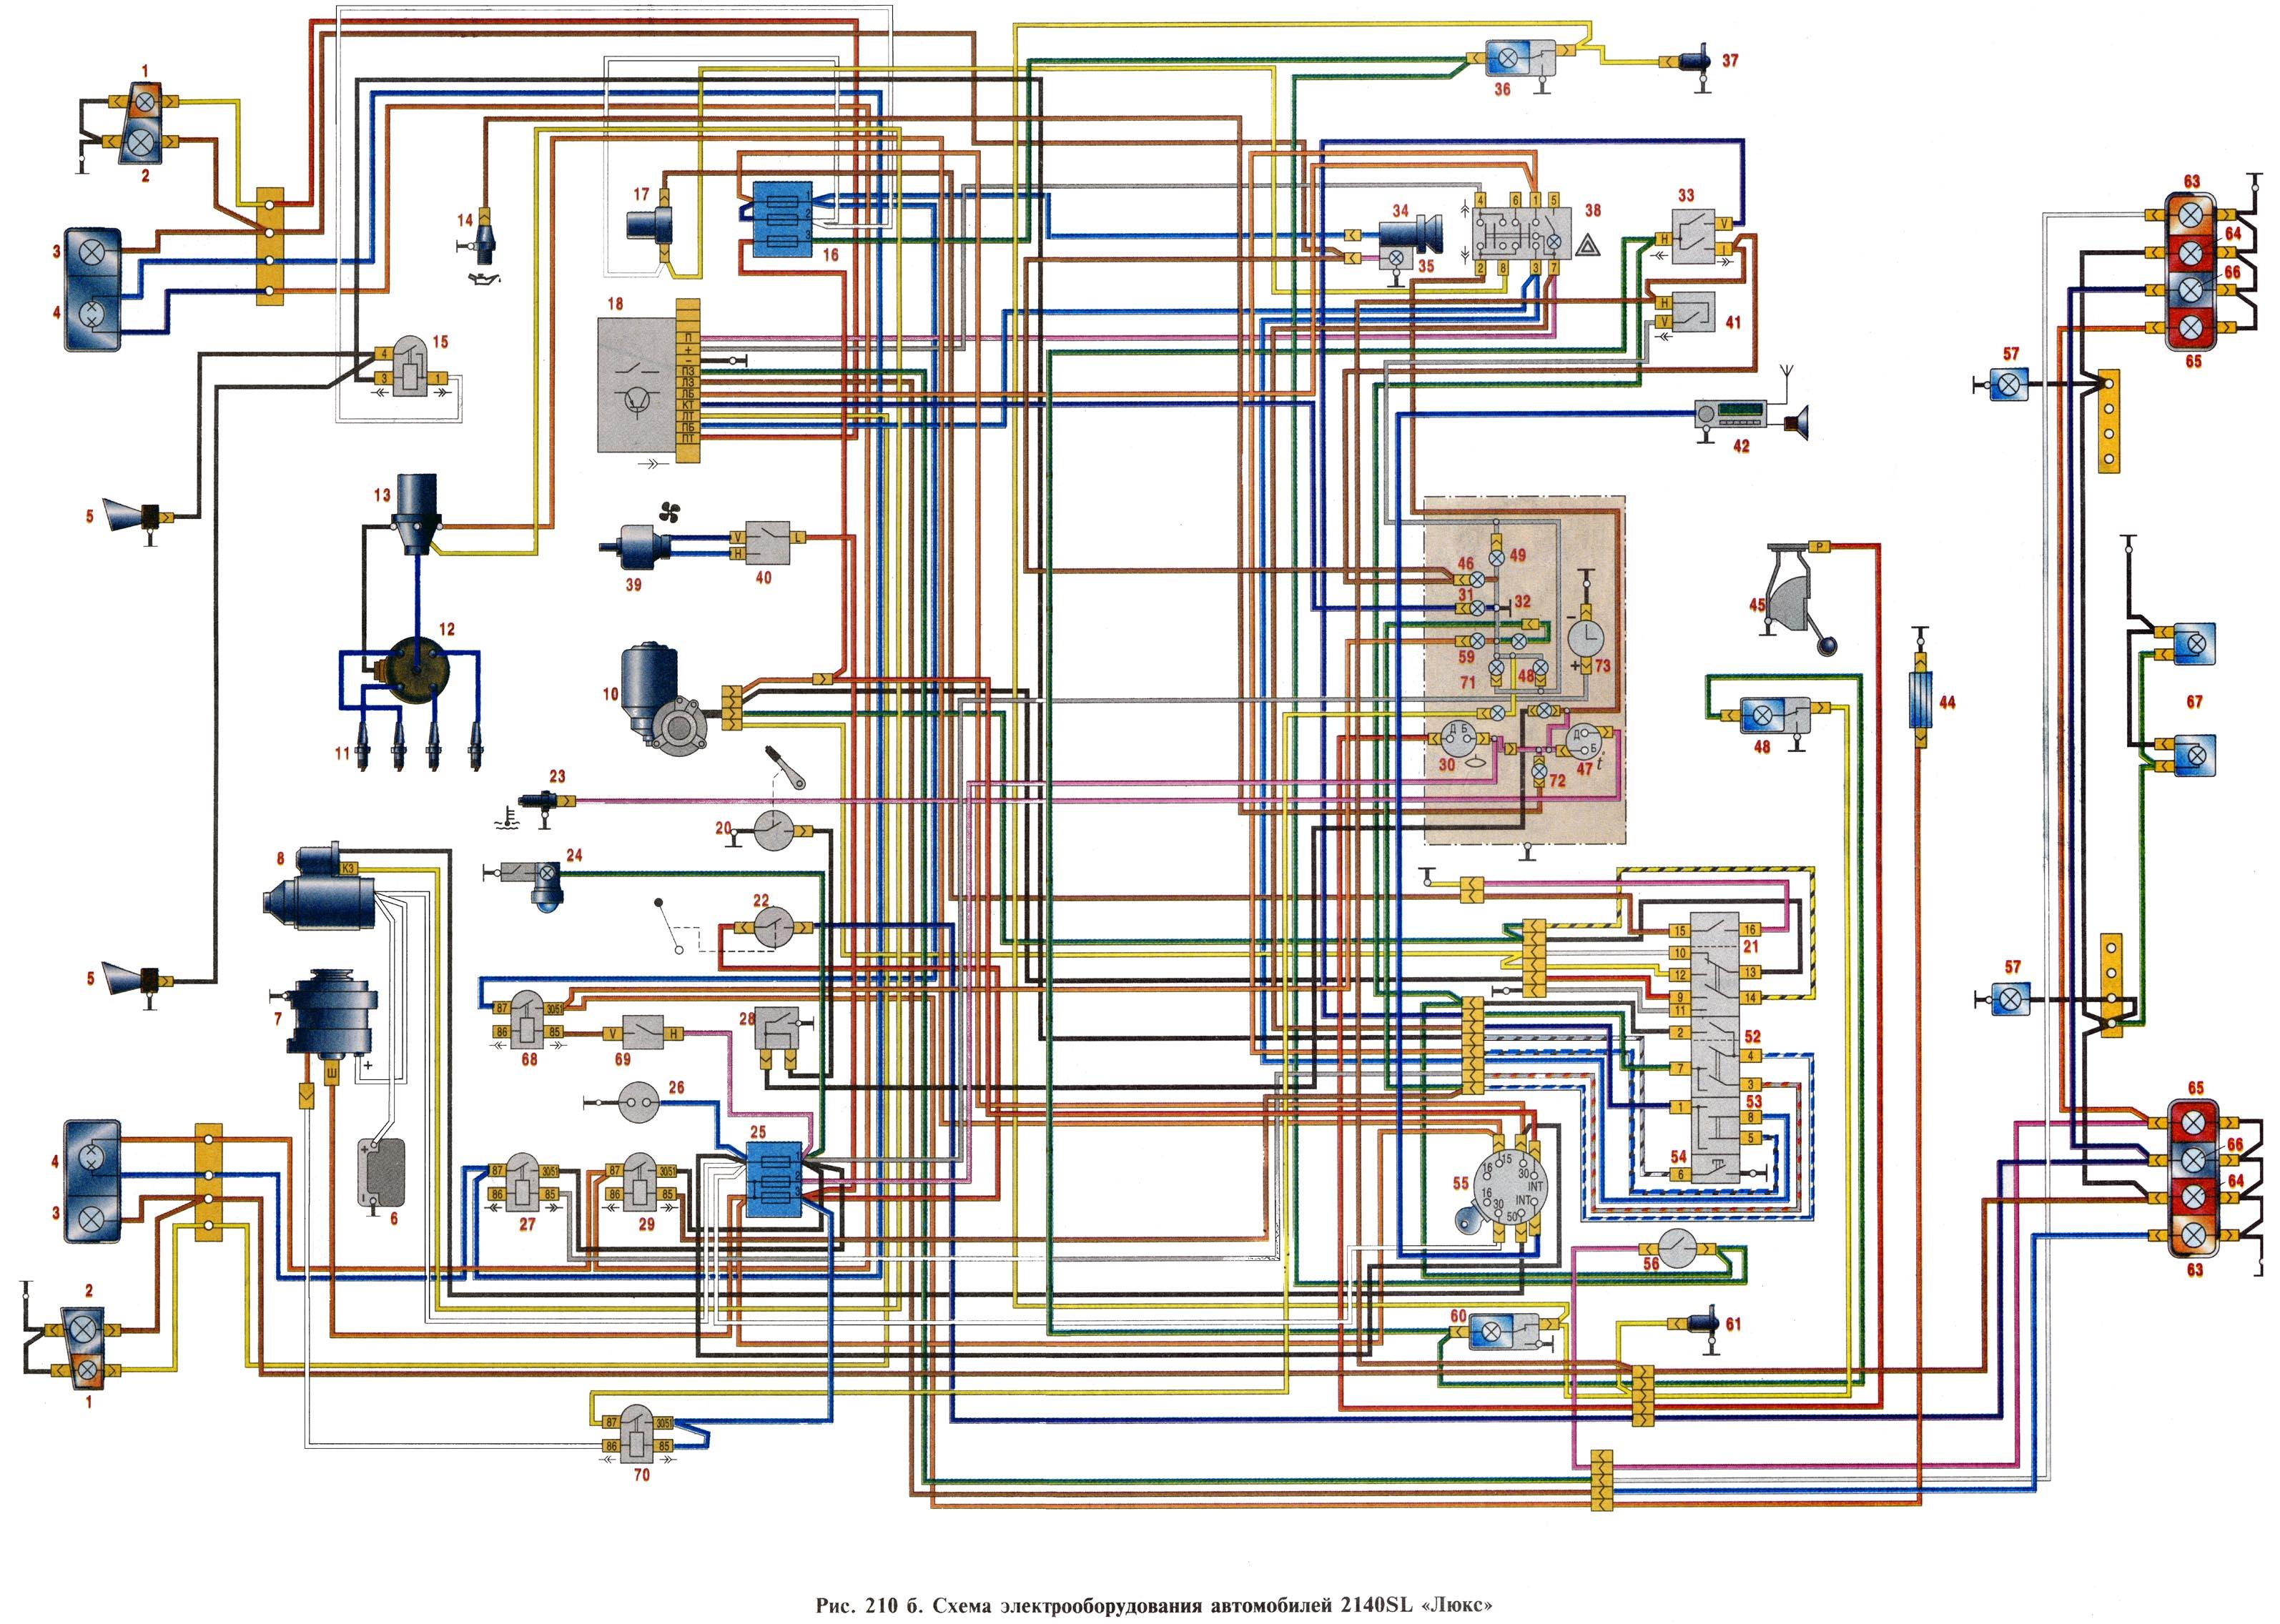 Проводка москвич 412 схема подключения